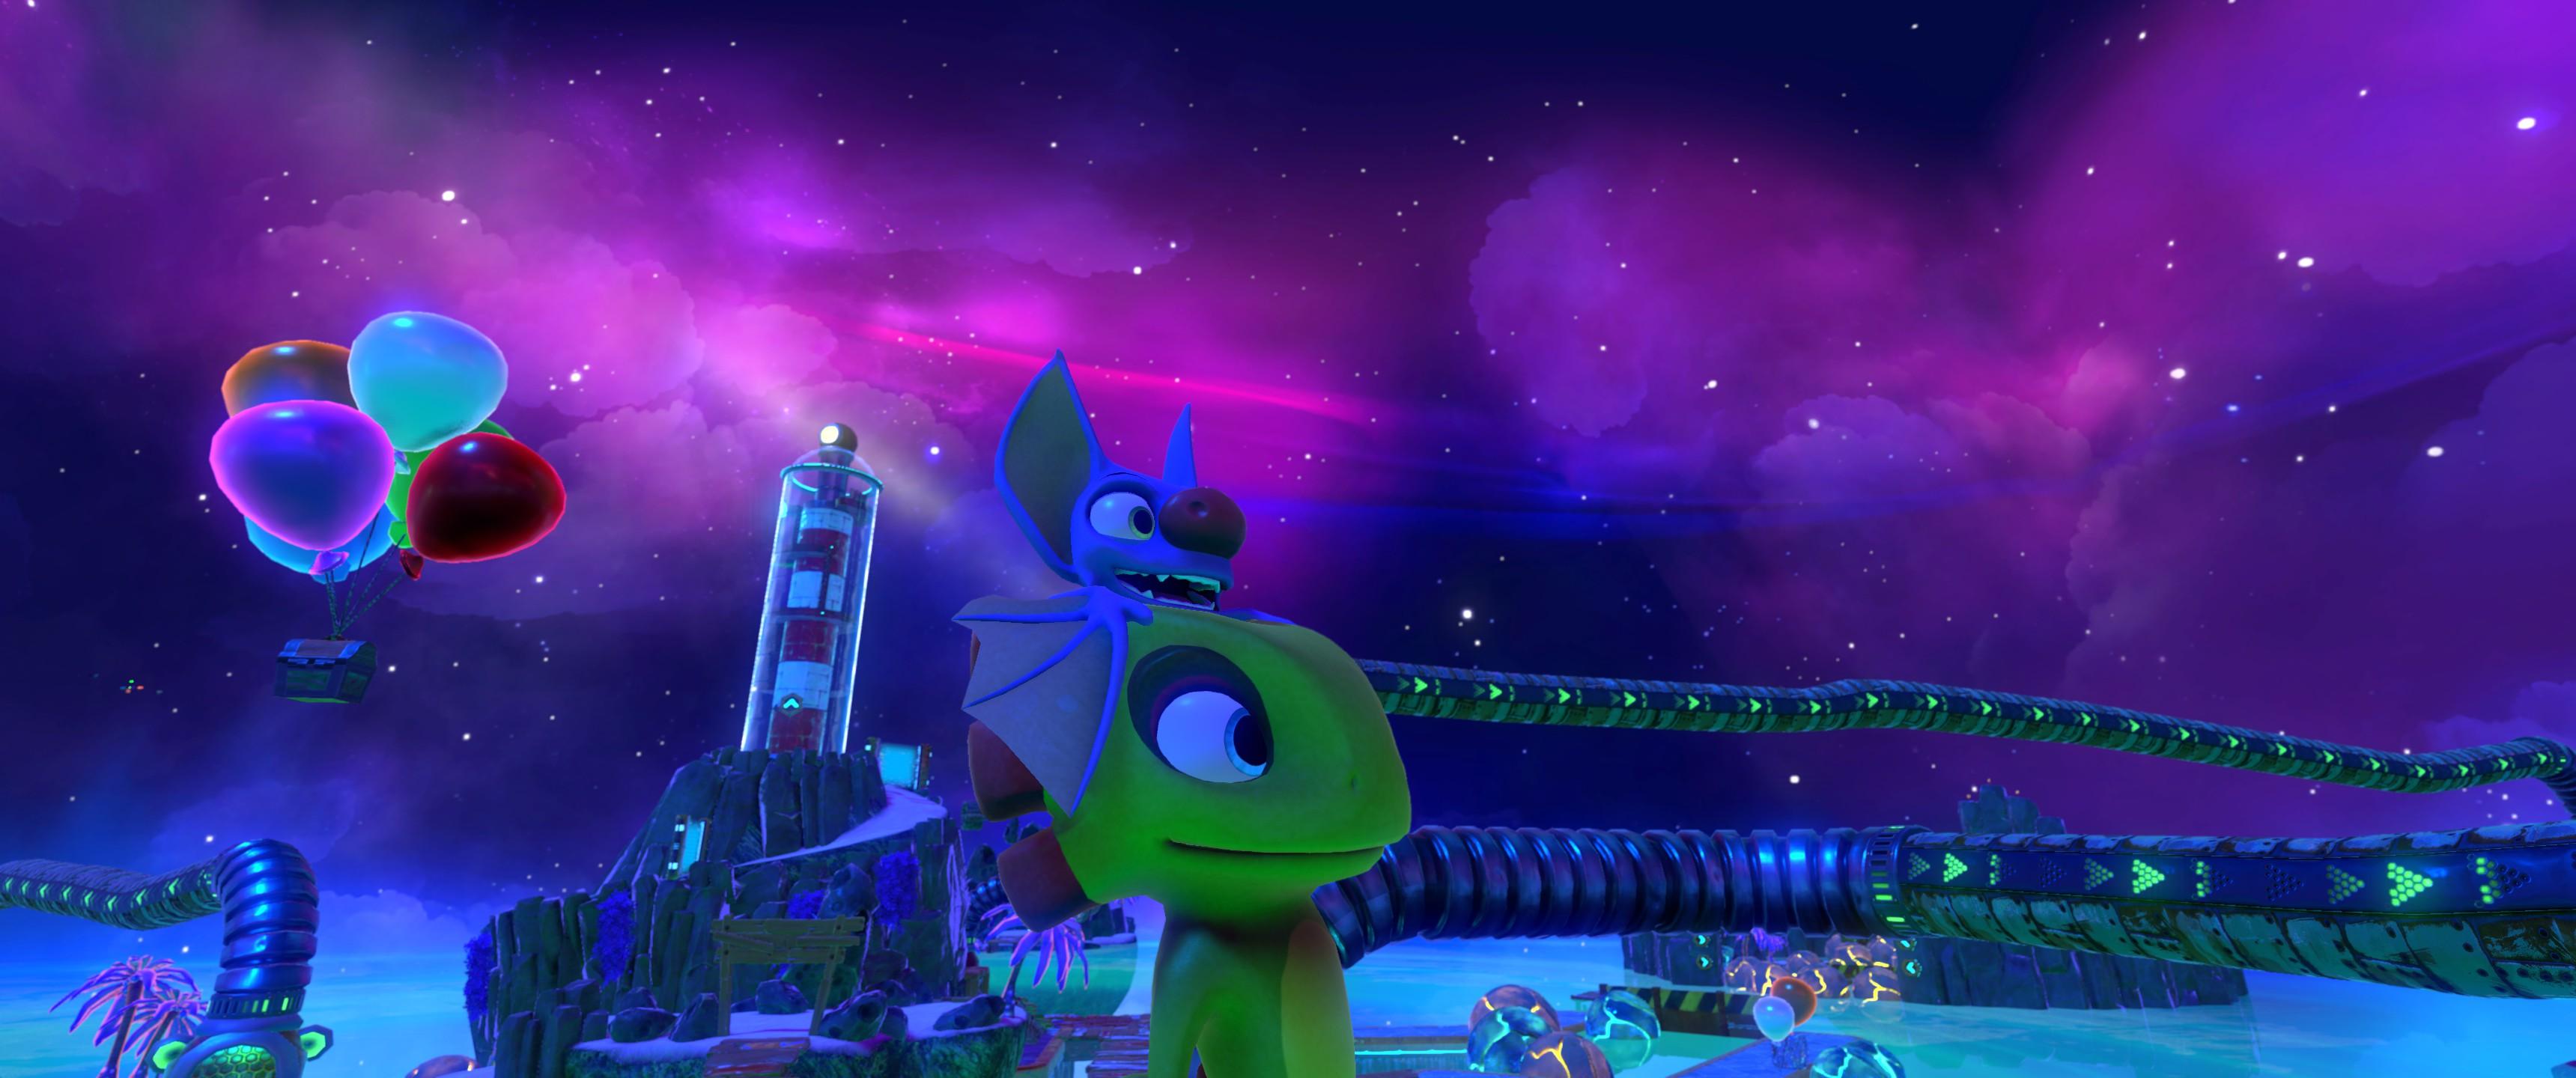 Yooka-Laylee is definitely one of the best looking Unity games